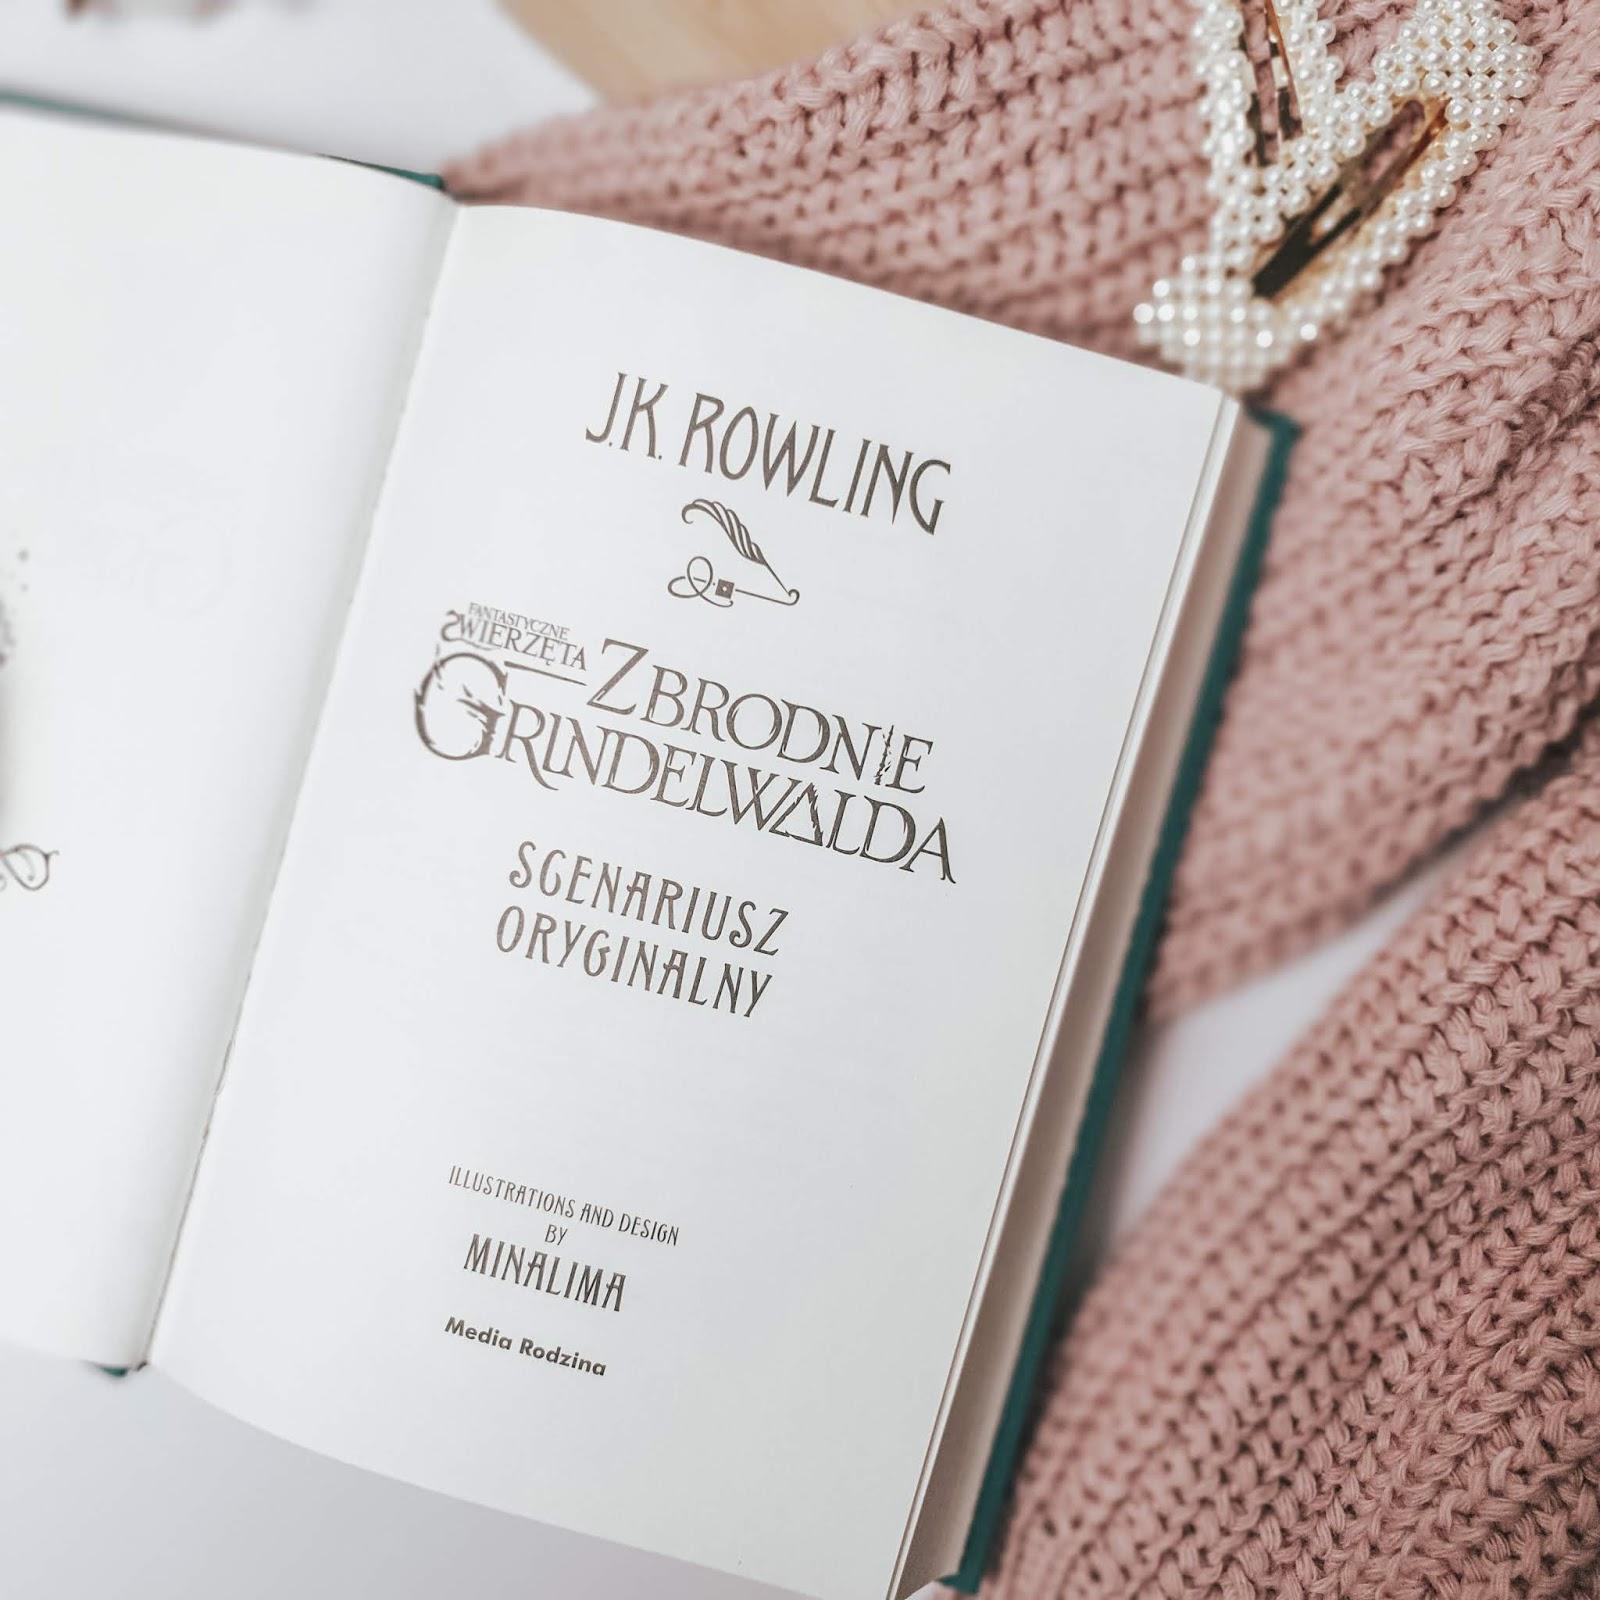 Fantastyczne zwierzęta: Zbrodnie Grindelwalda - dlaczego musisz mieć tę książkę w swojej biblioteczce?